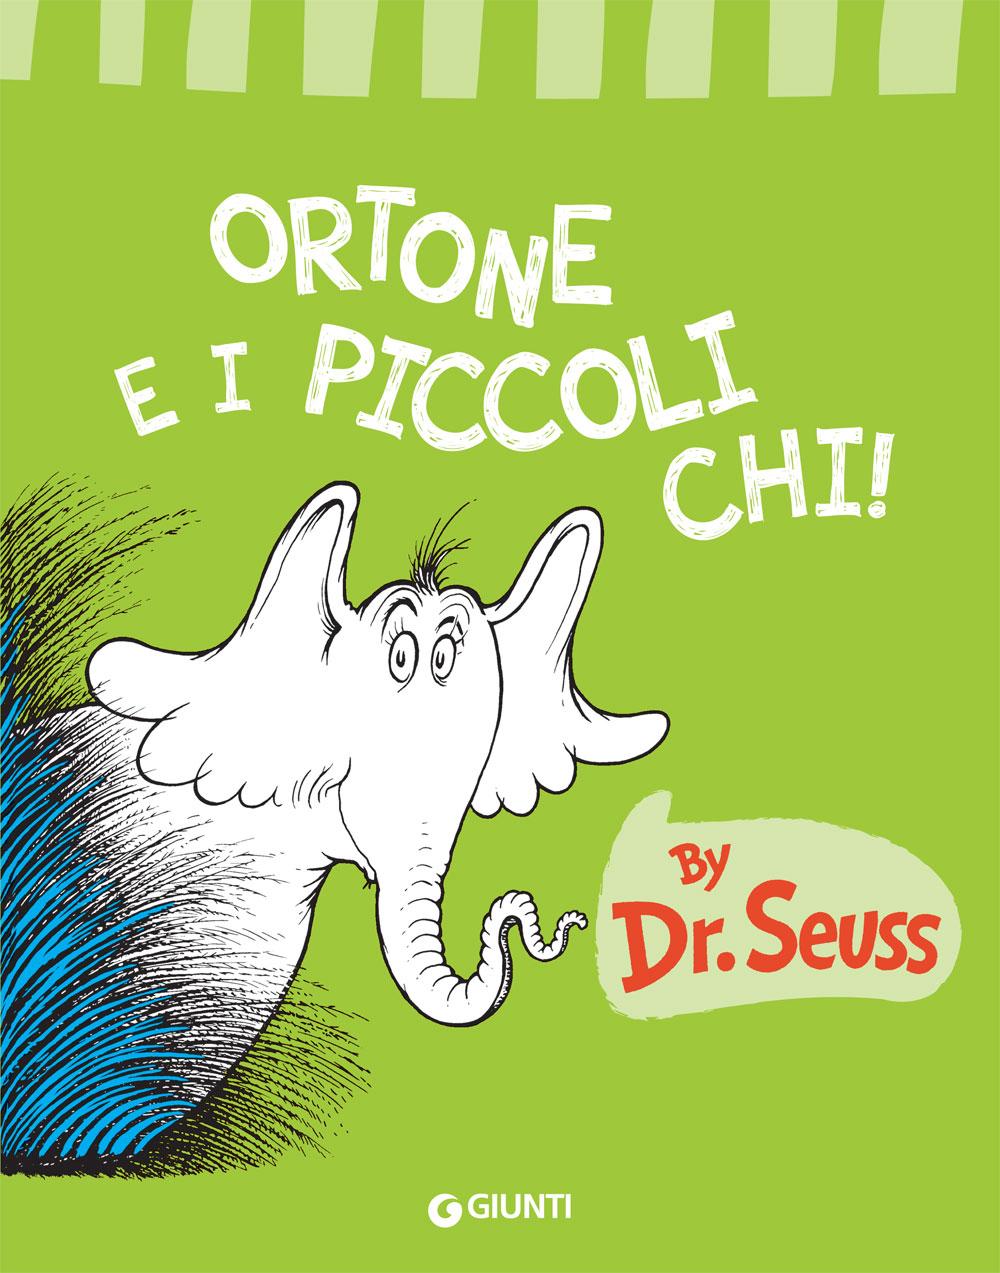 recensione - dr. seuss - ortone e i piccoli chi